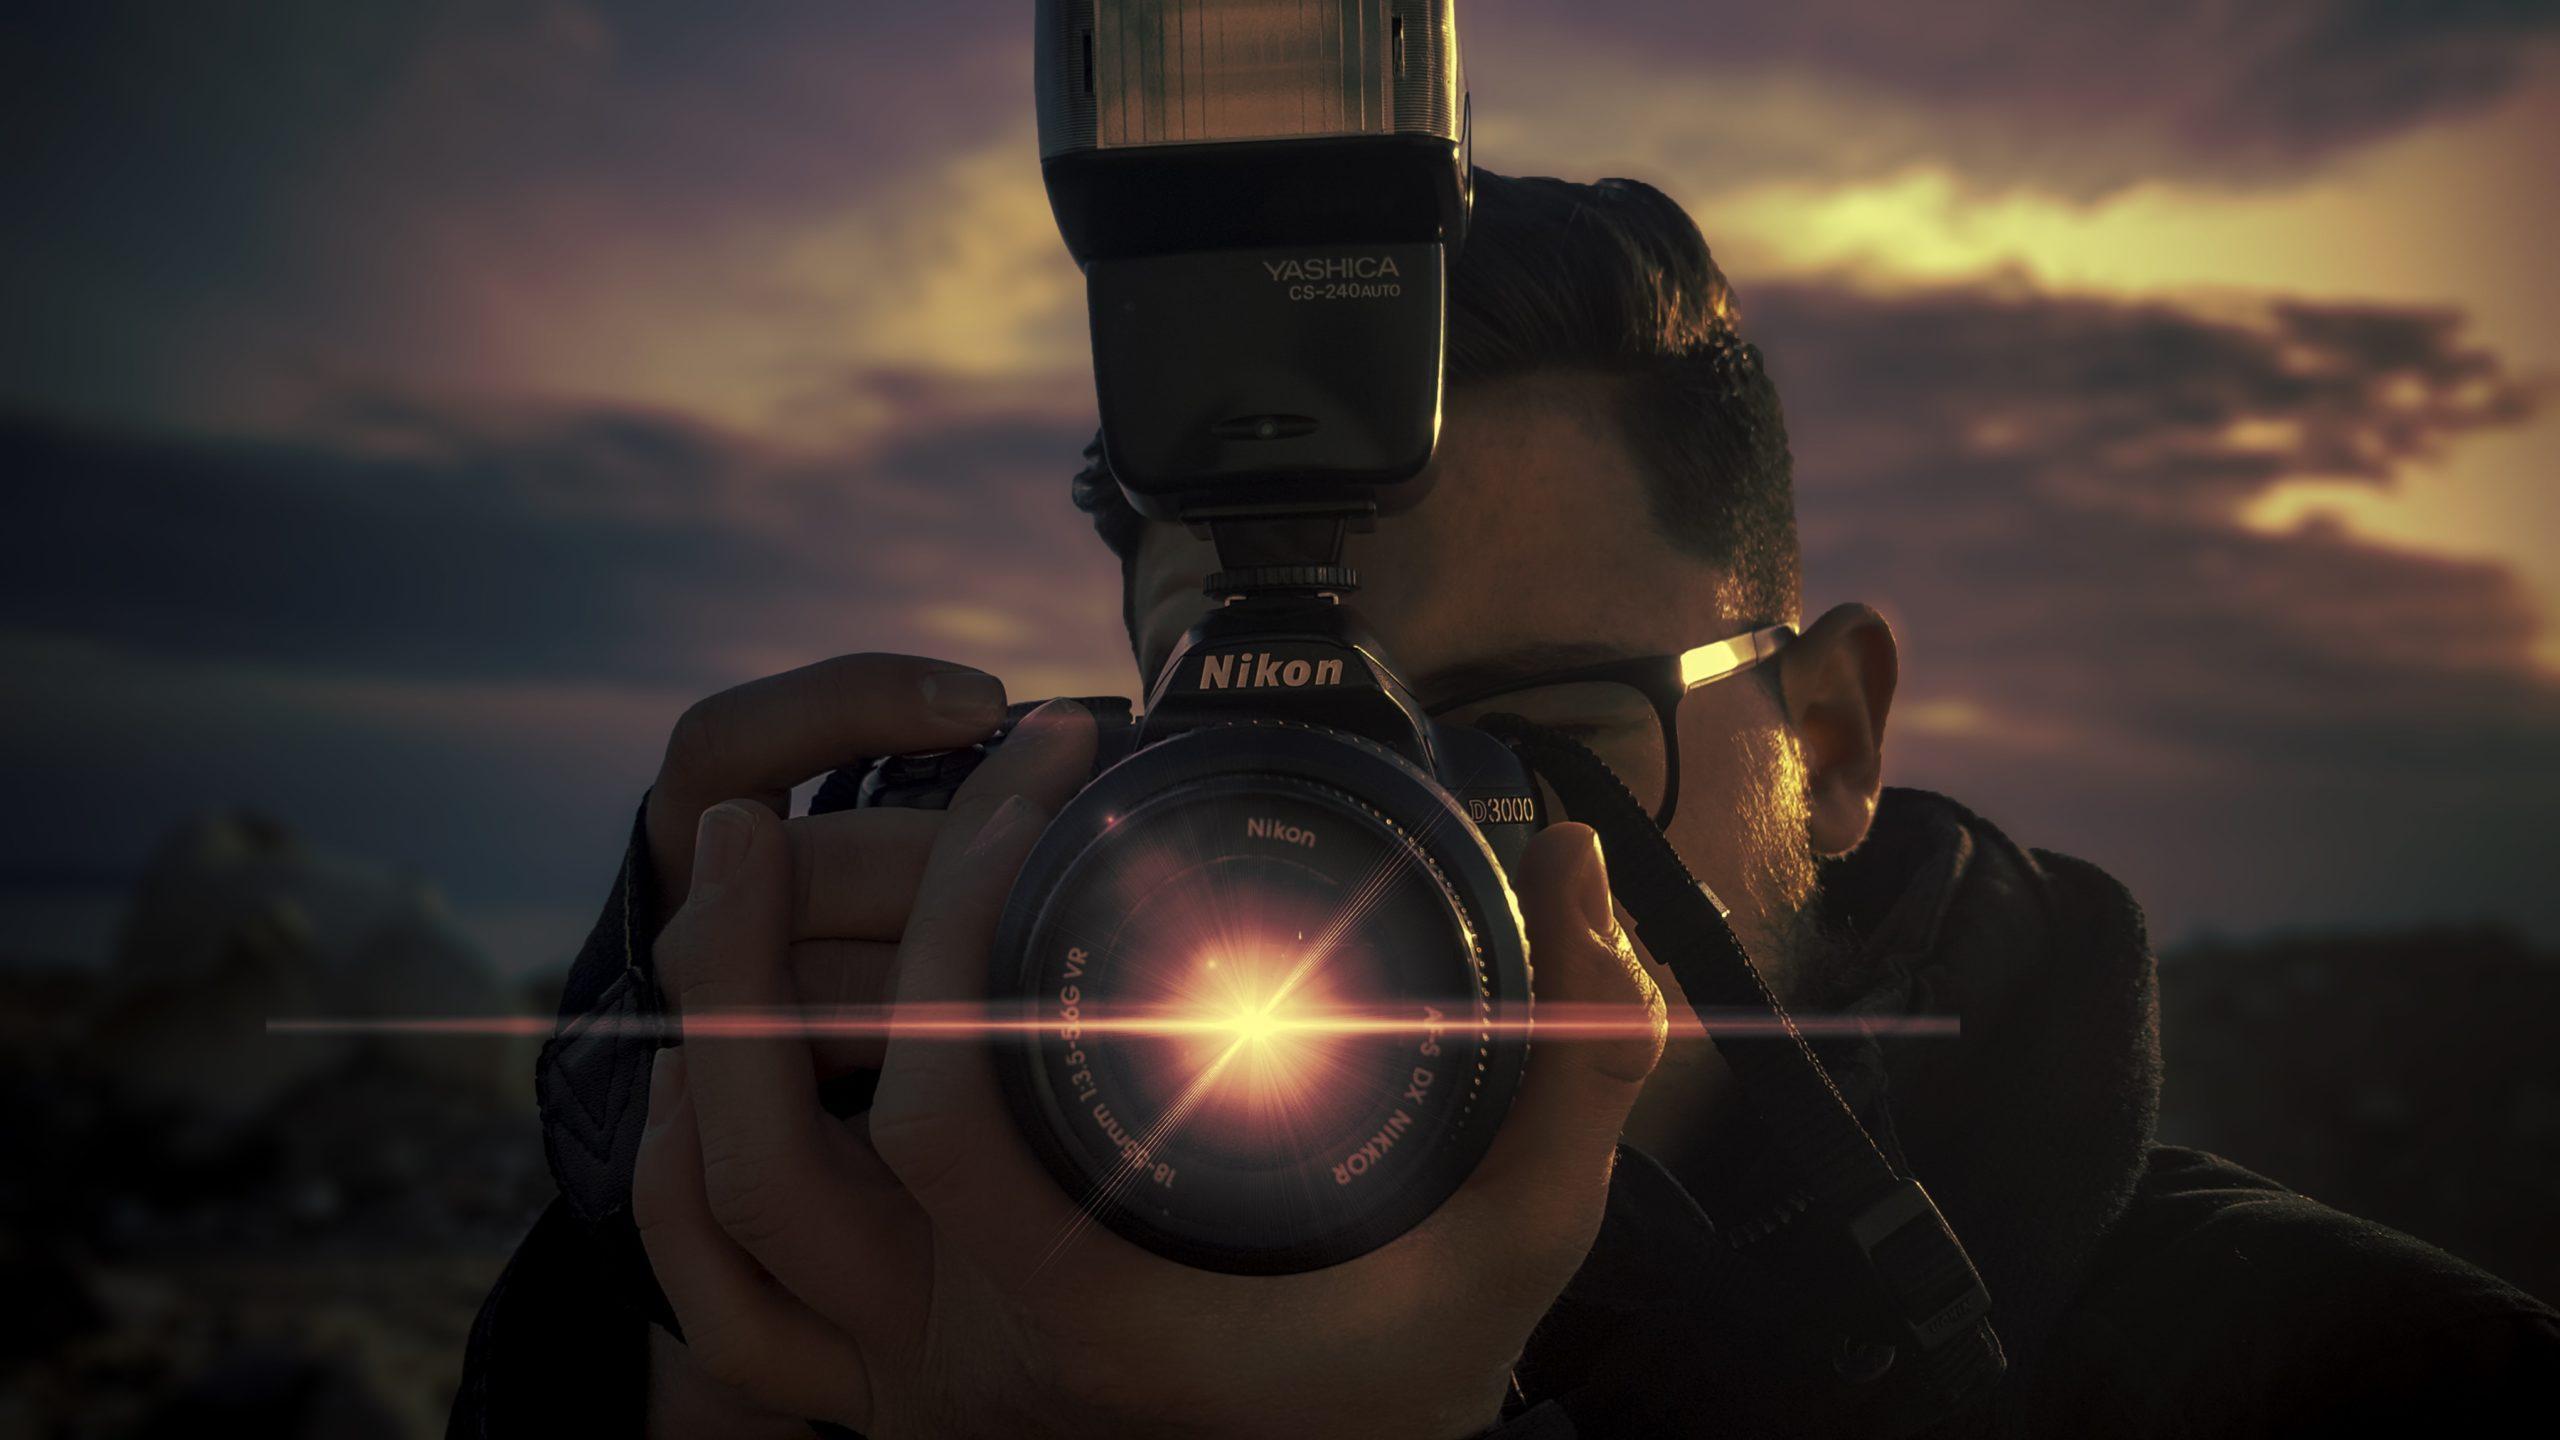 na glav 10 scaled - Как выбрать объектив для фотокамер Nikon